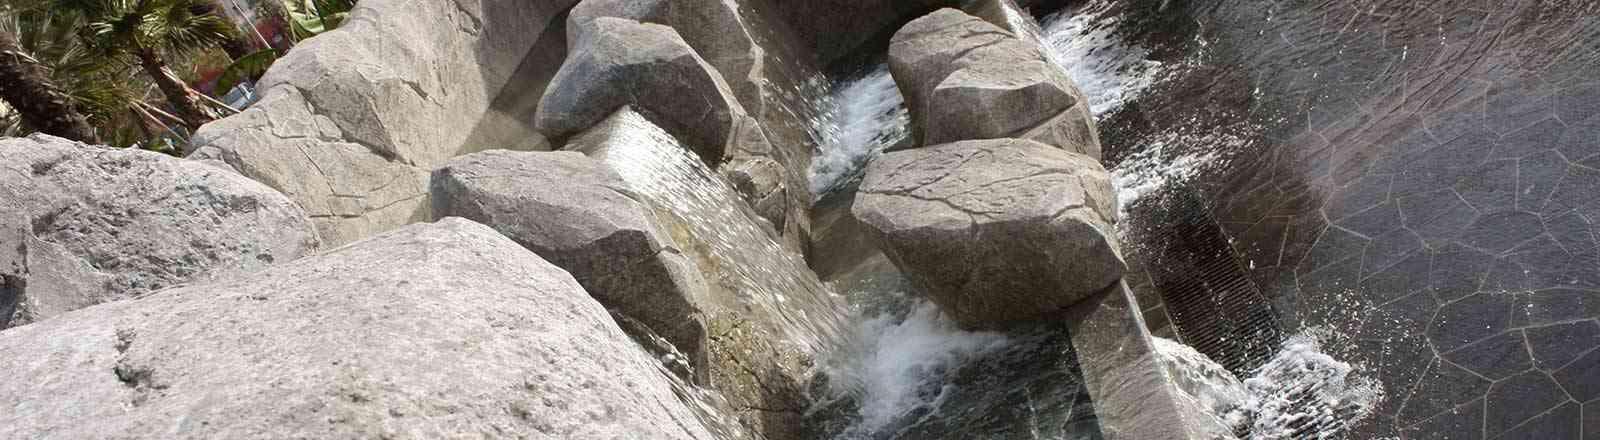 Décor en rochers sculptés